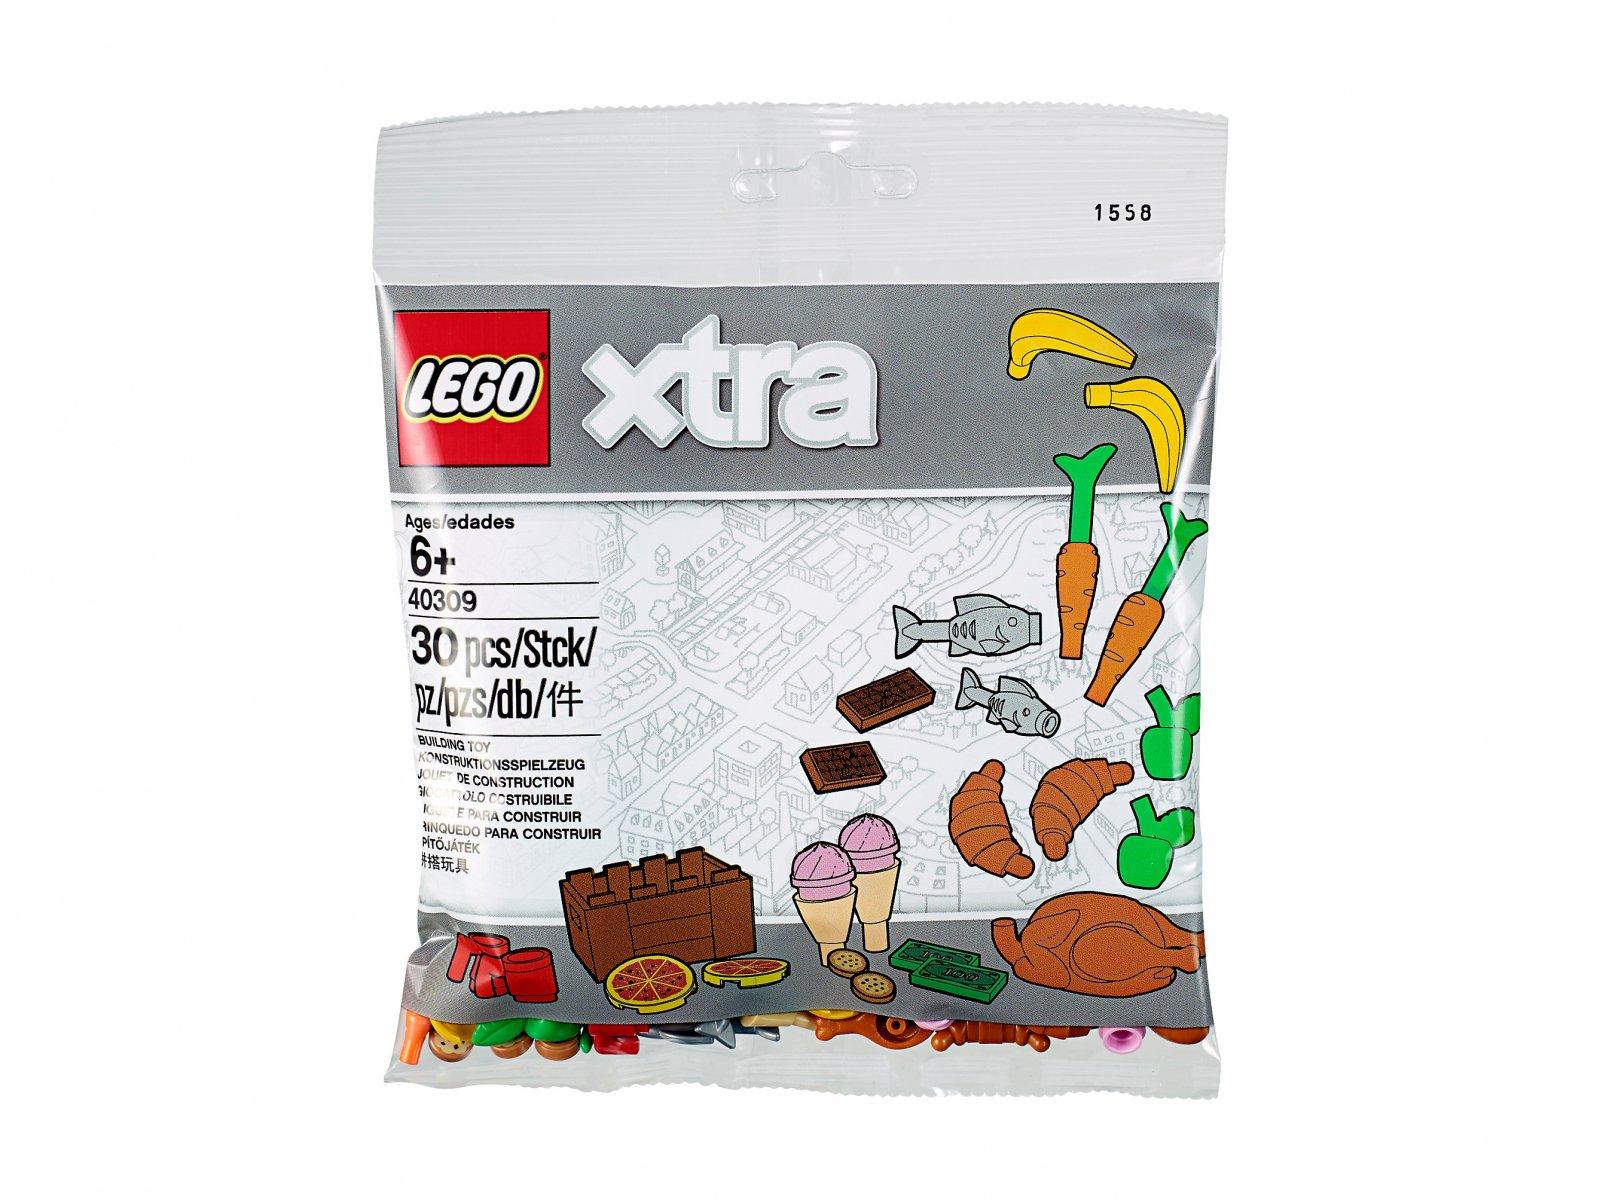 LEGO xtra Akcesoria spożywcze